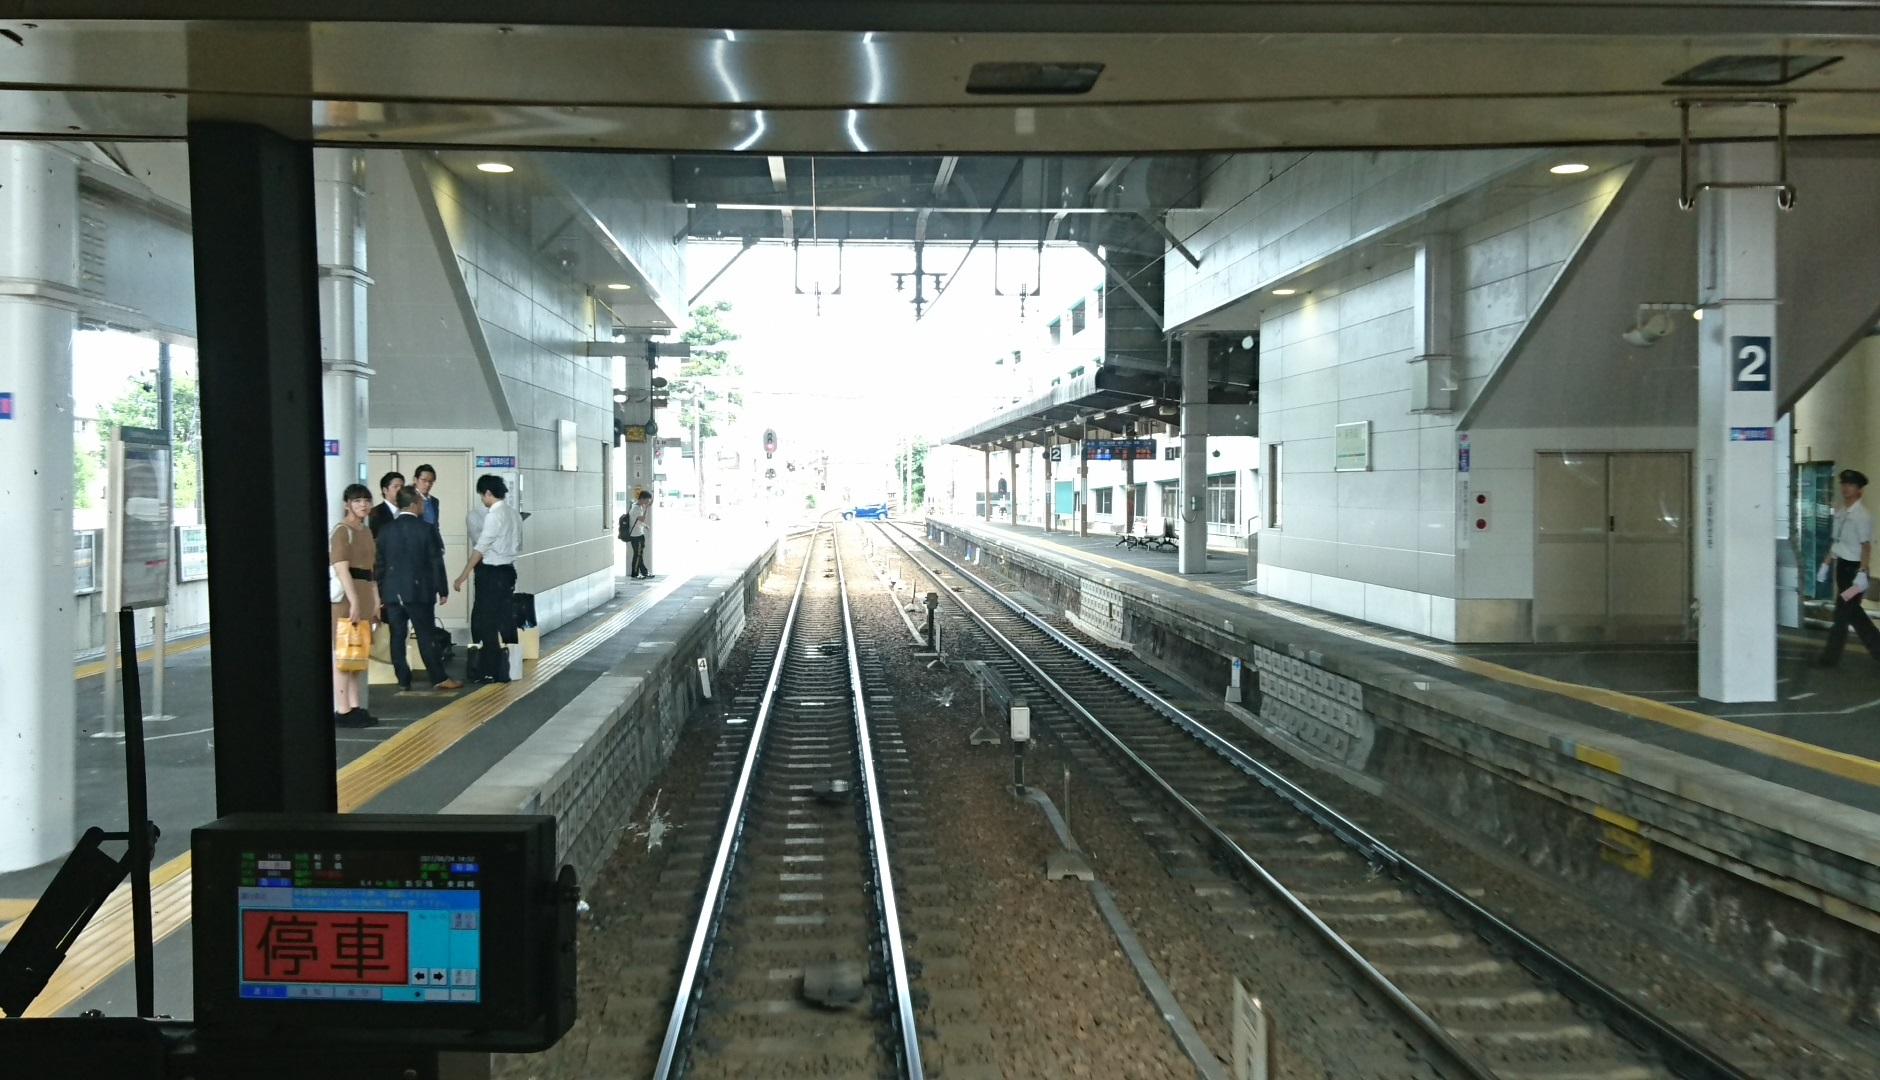 2017.6.24 東岡崎 (19) 豊橋いき急行 - 東岡崎 1880-1080